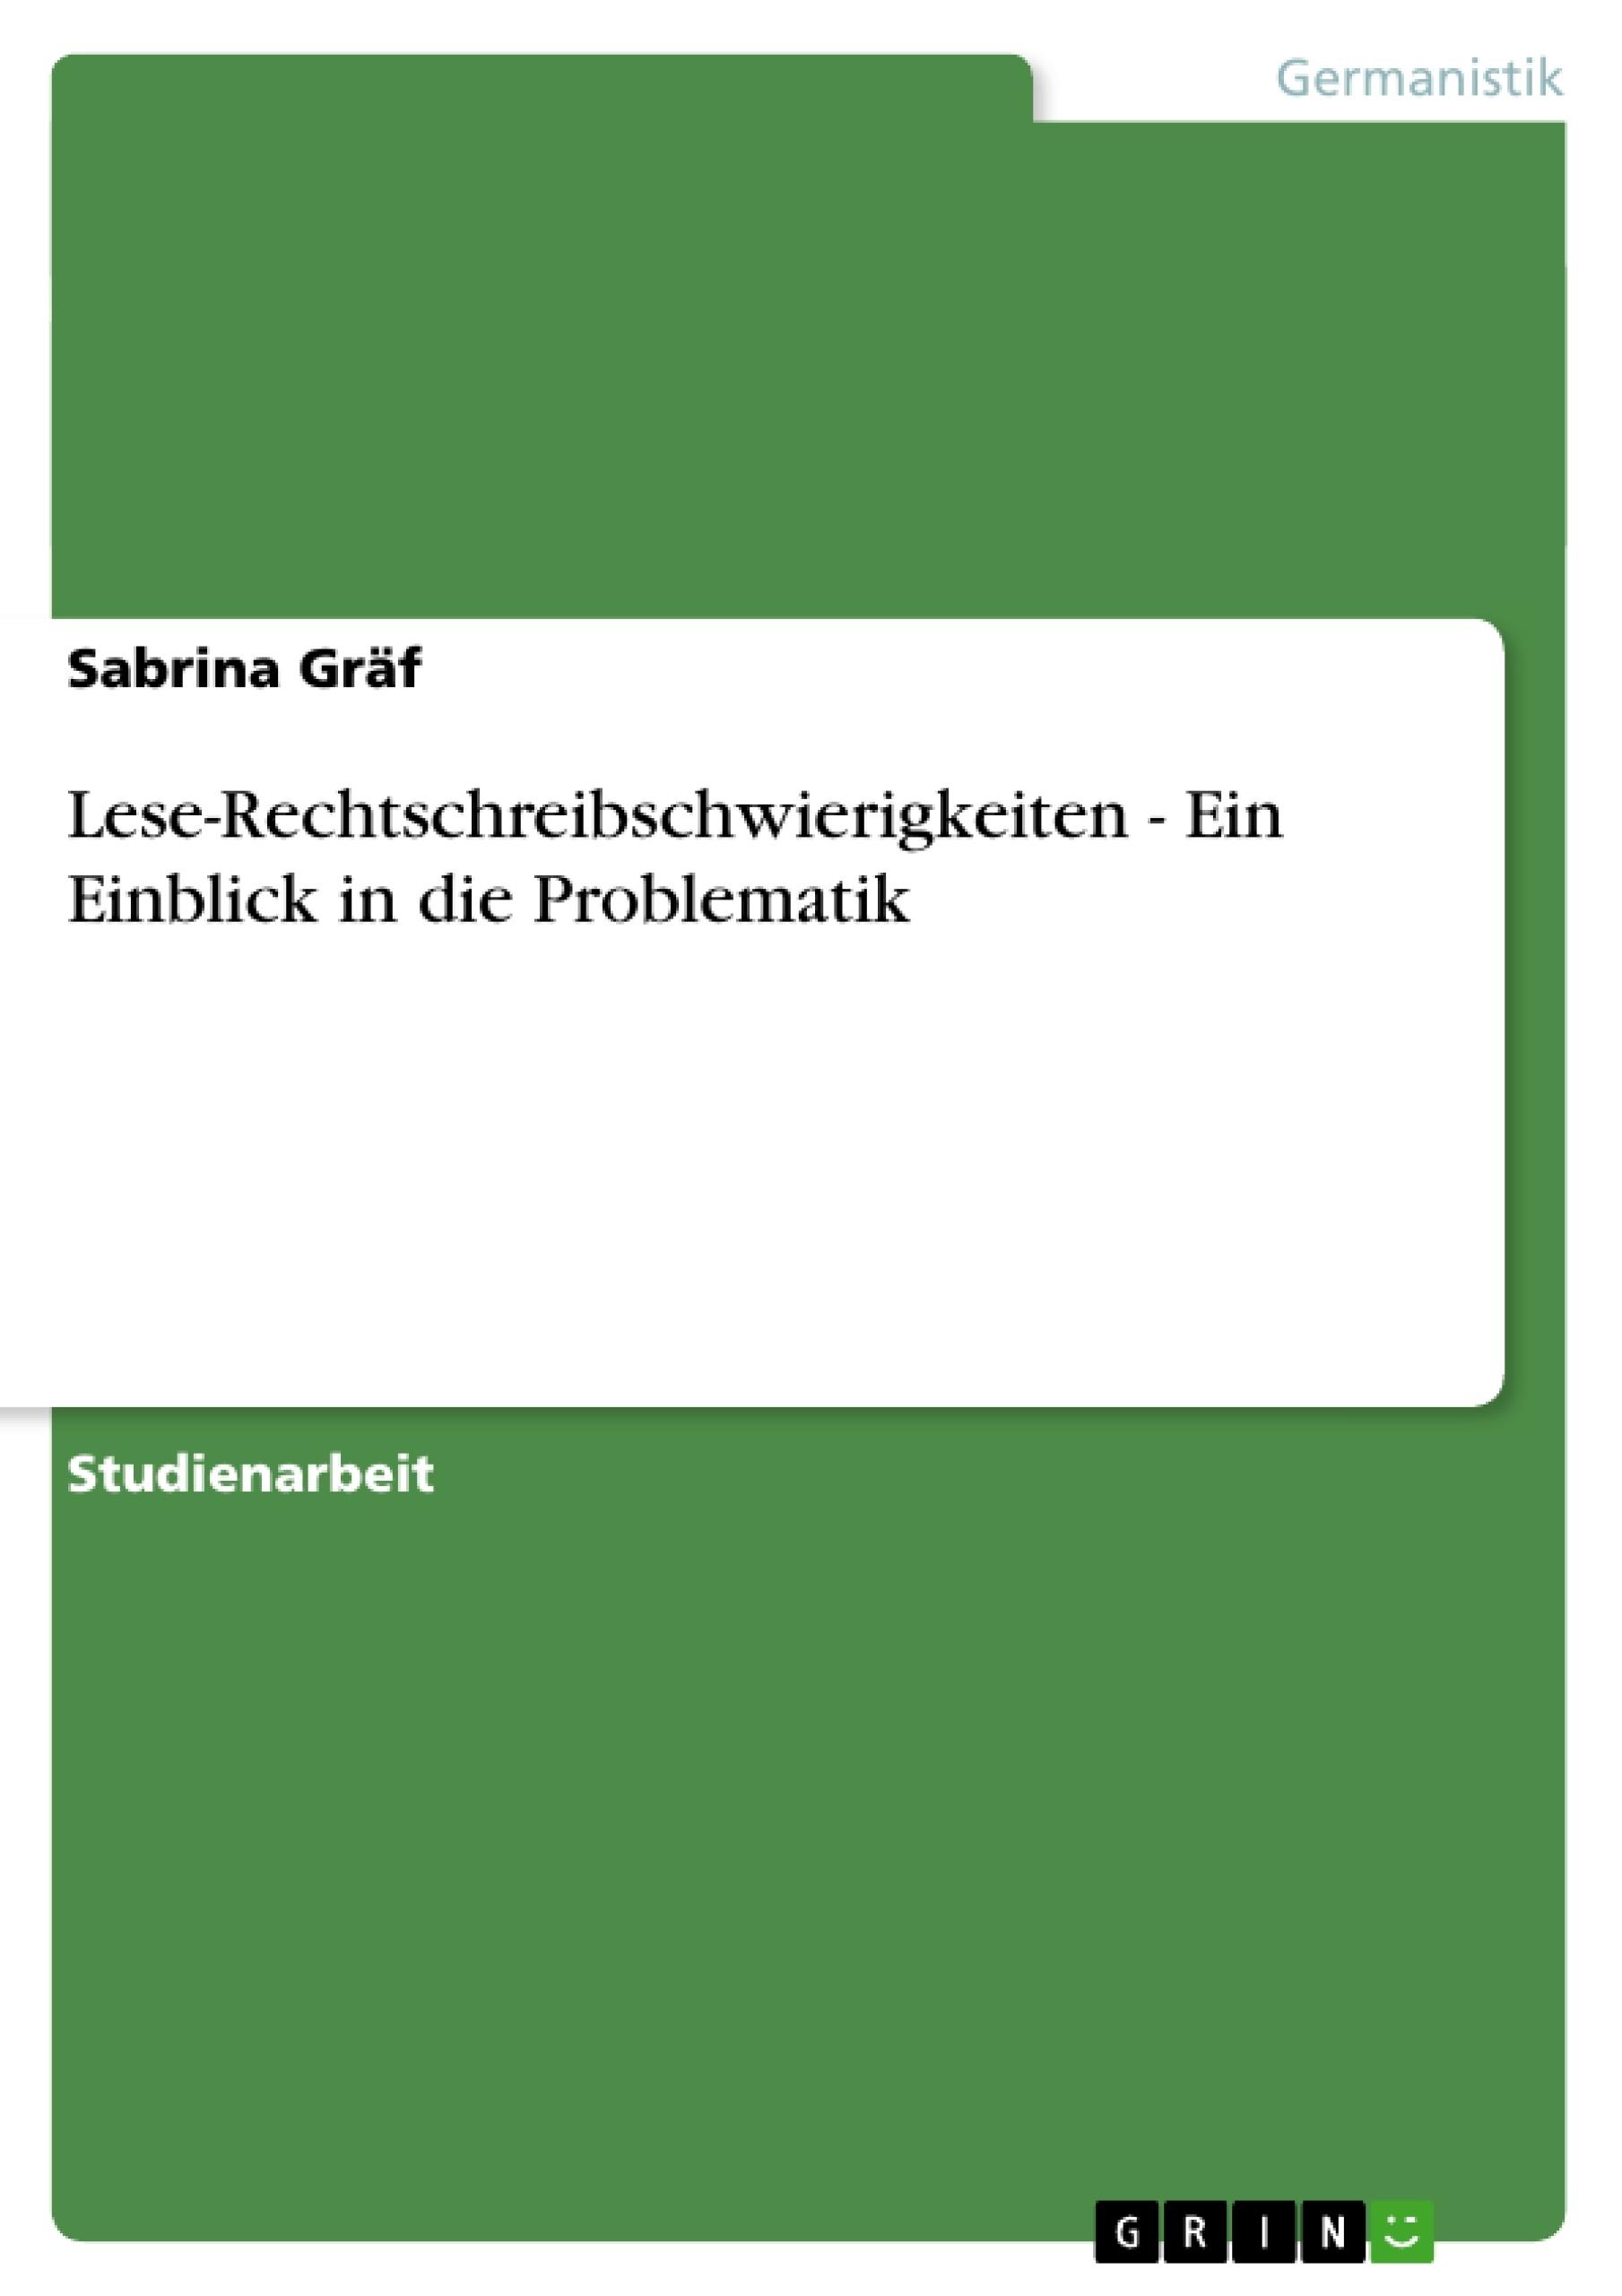 Titel: Lese-Rechtschreibschwierigkeiten - Ein Einblick in die Problematik